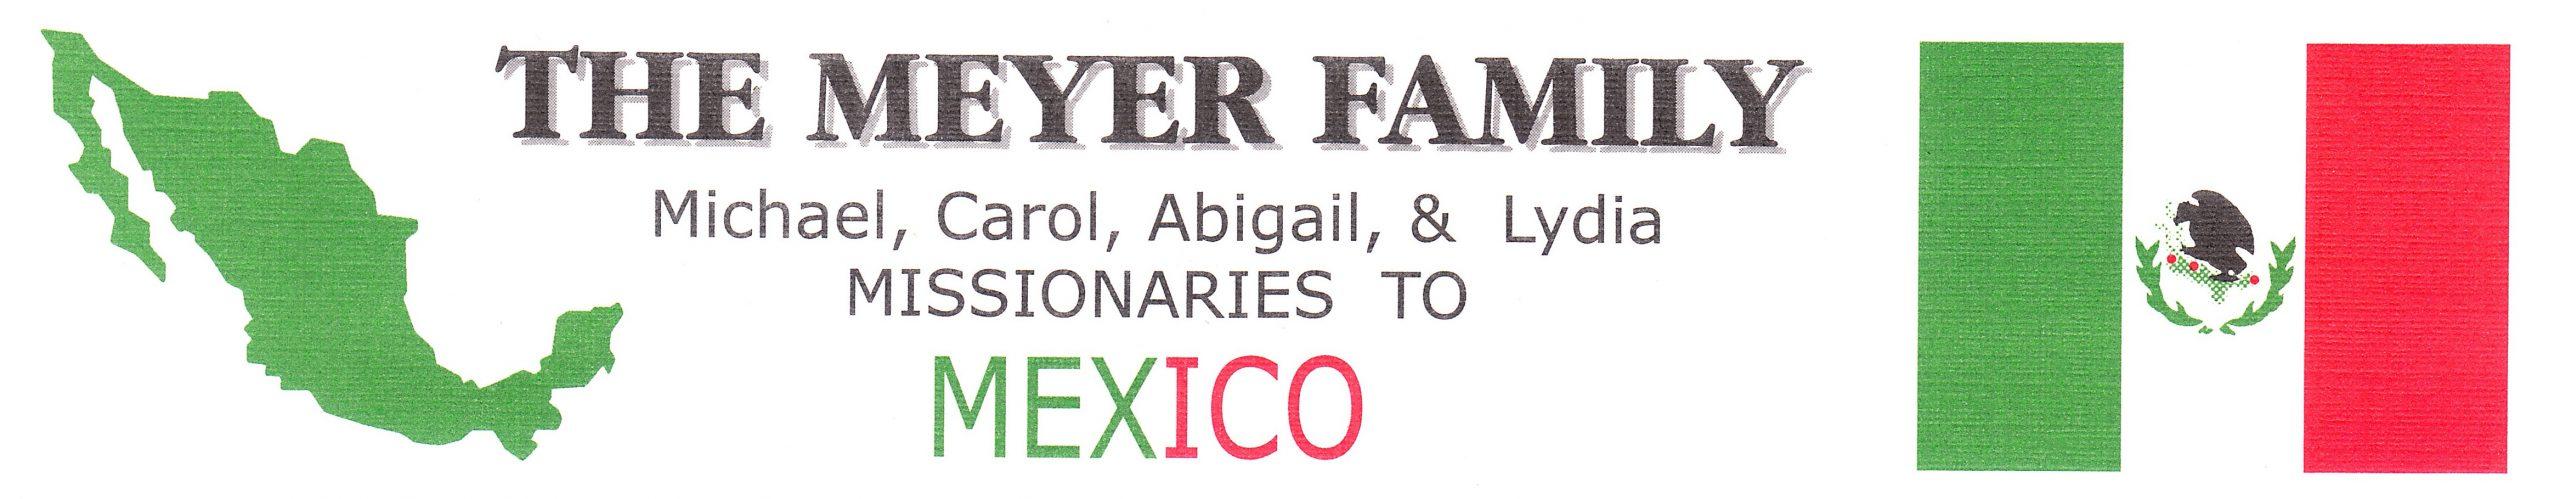 Meyer Family Newsletters